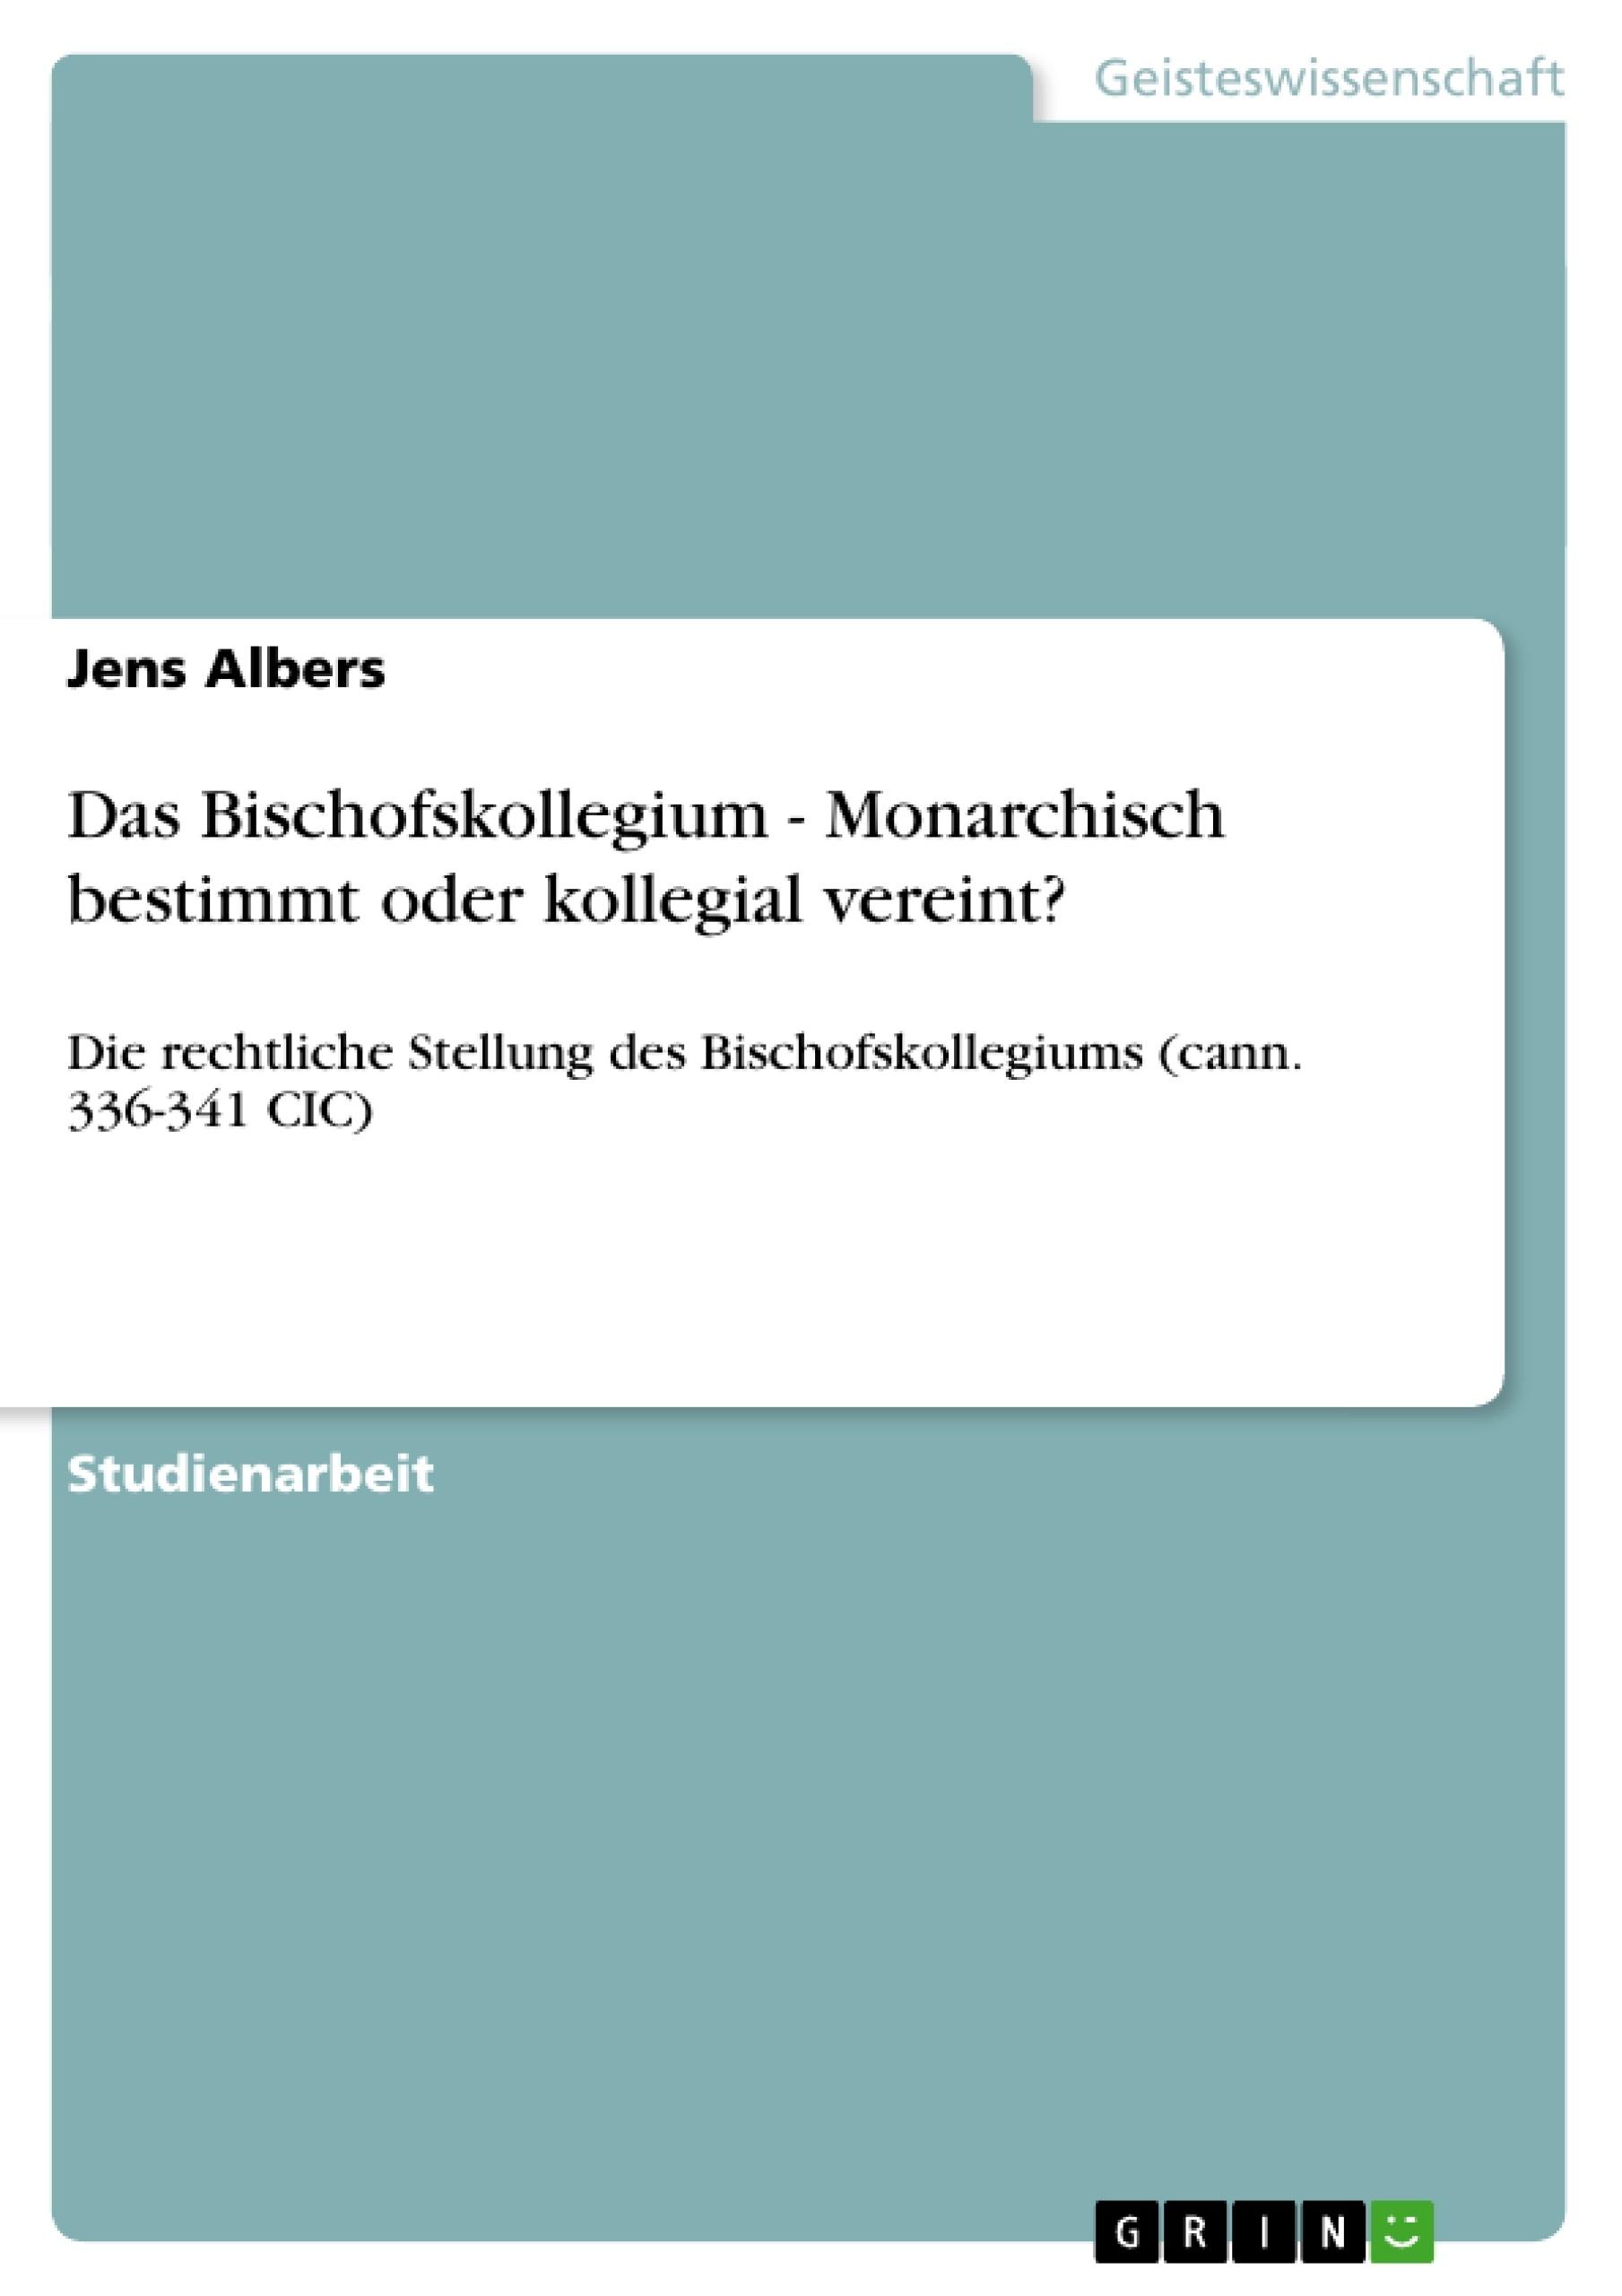 Titel: Das Bischofskollegium - Monarchisch bestimmt oder kollegial vereint?